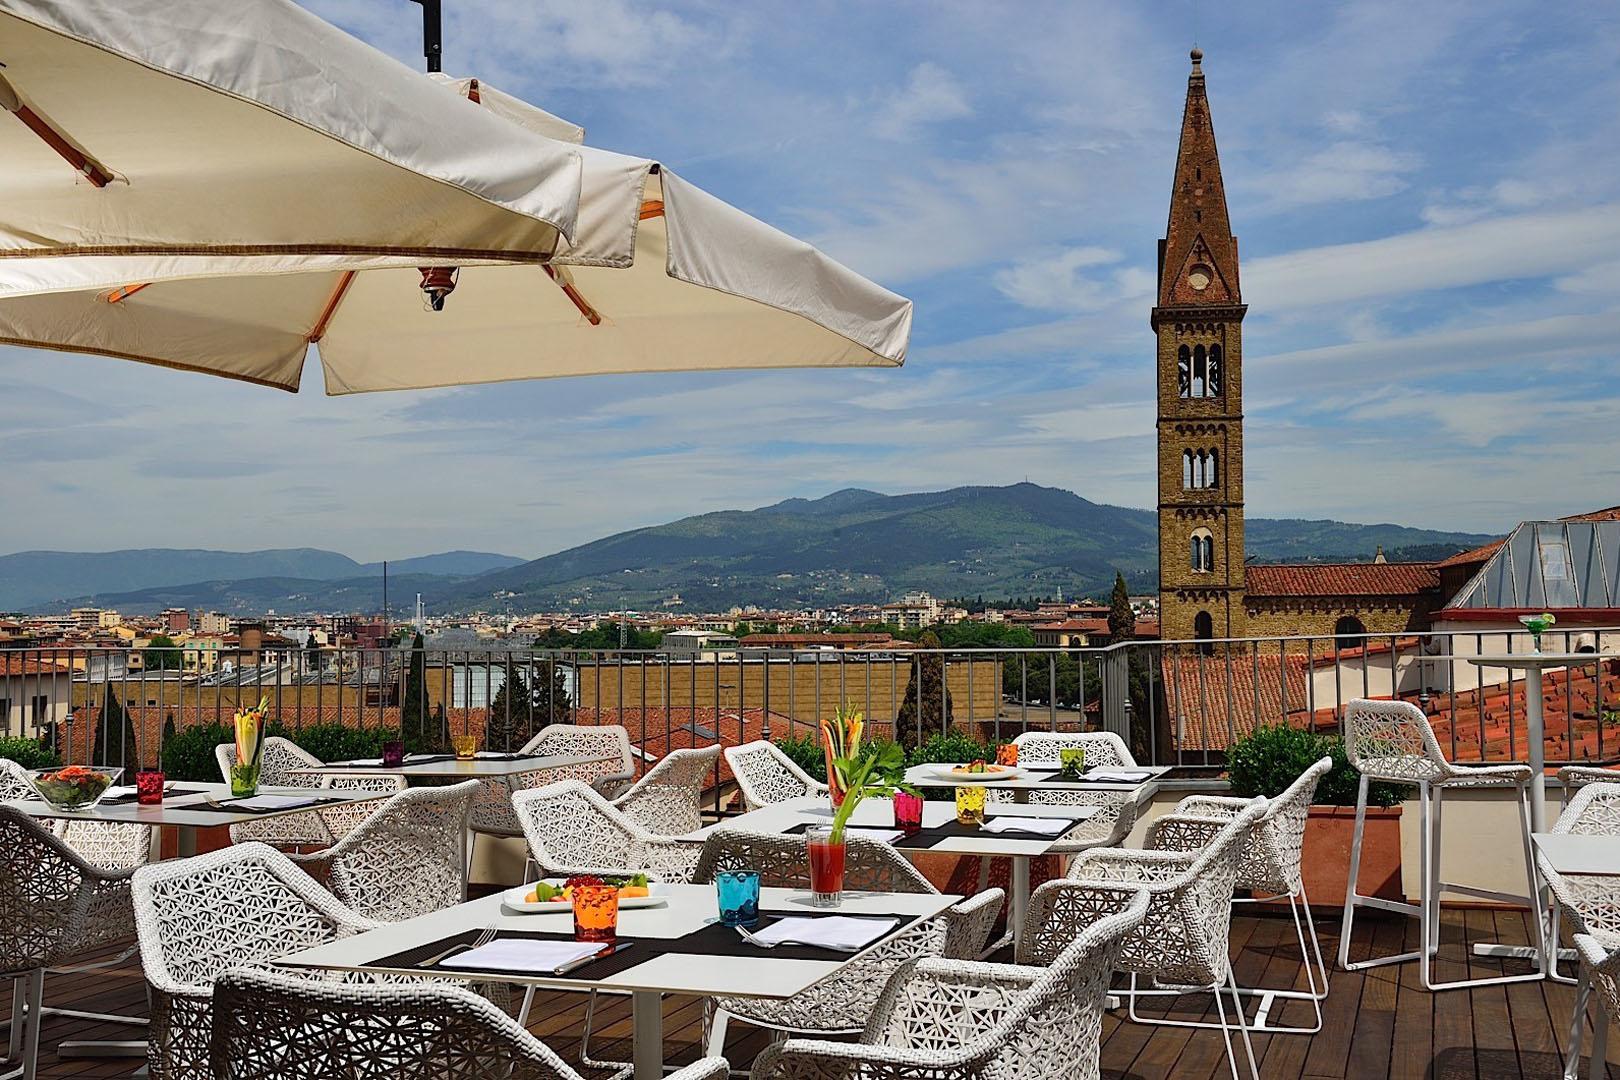 Le Migliori Terrazze di Firenze